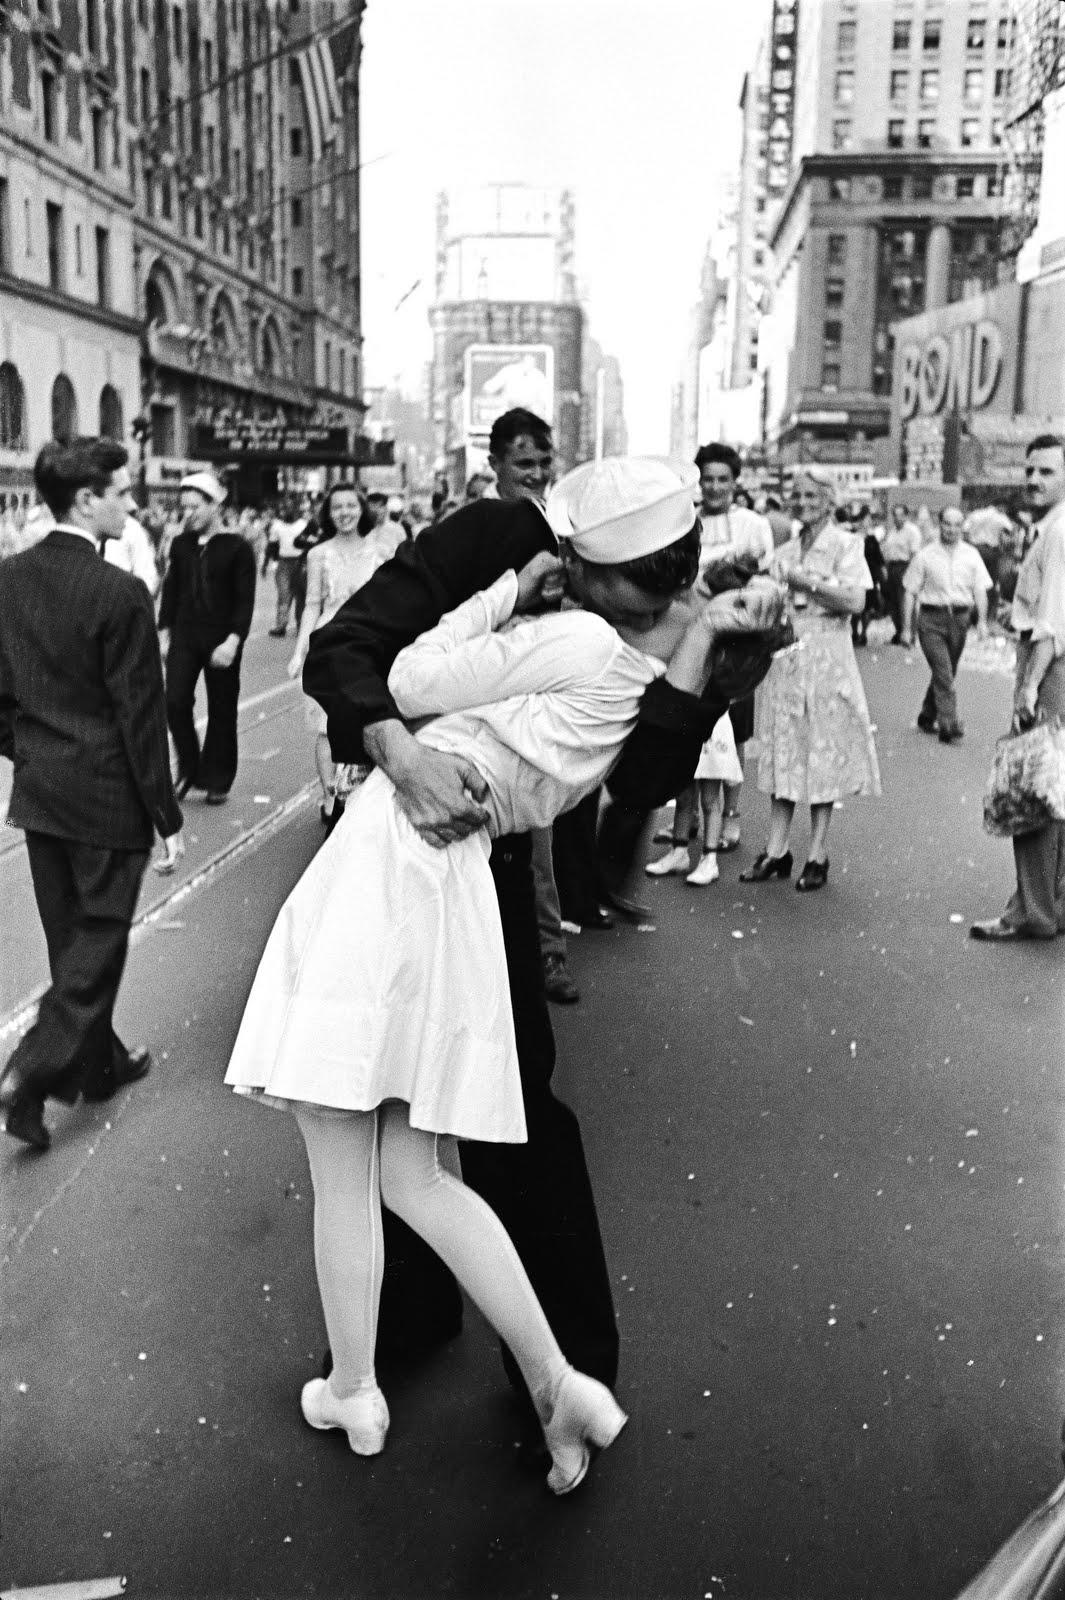 10. День Победы над Японией на Таймс-сквер, Альфред Эйзенштадт, 1945.